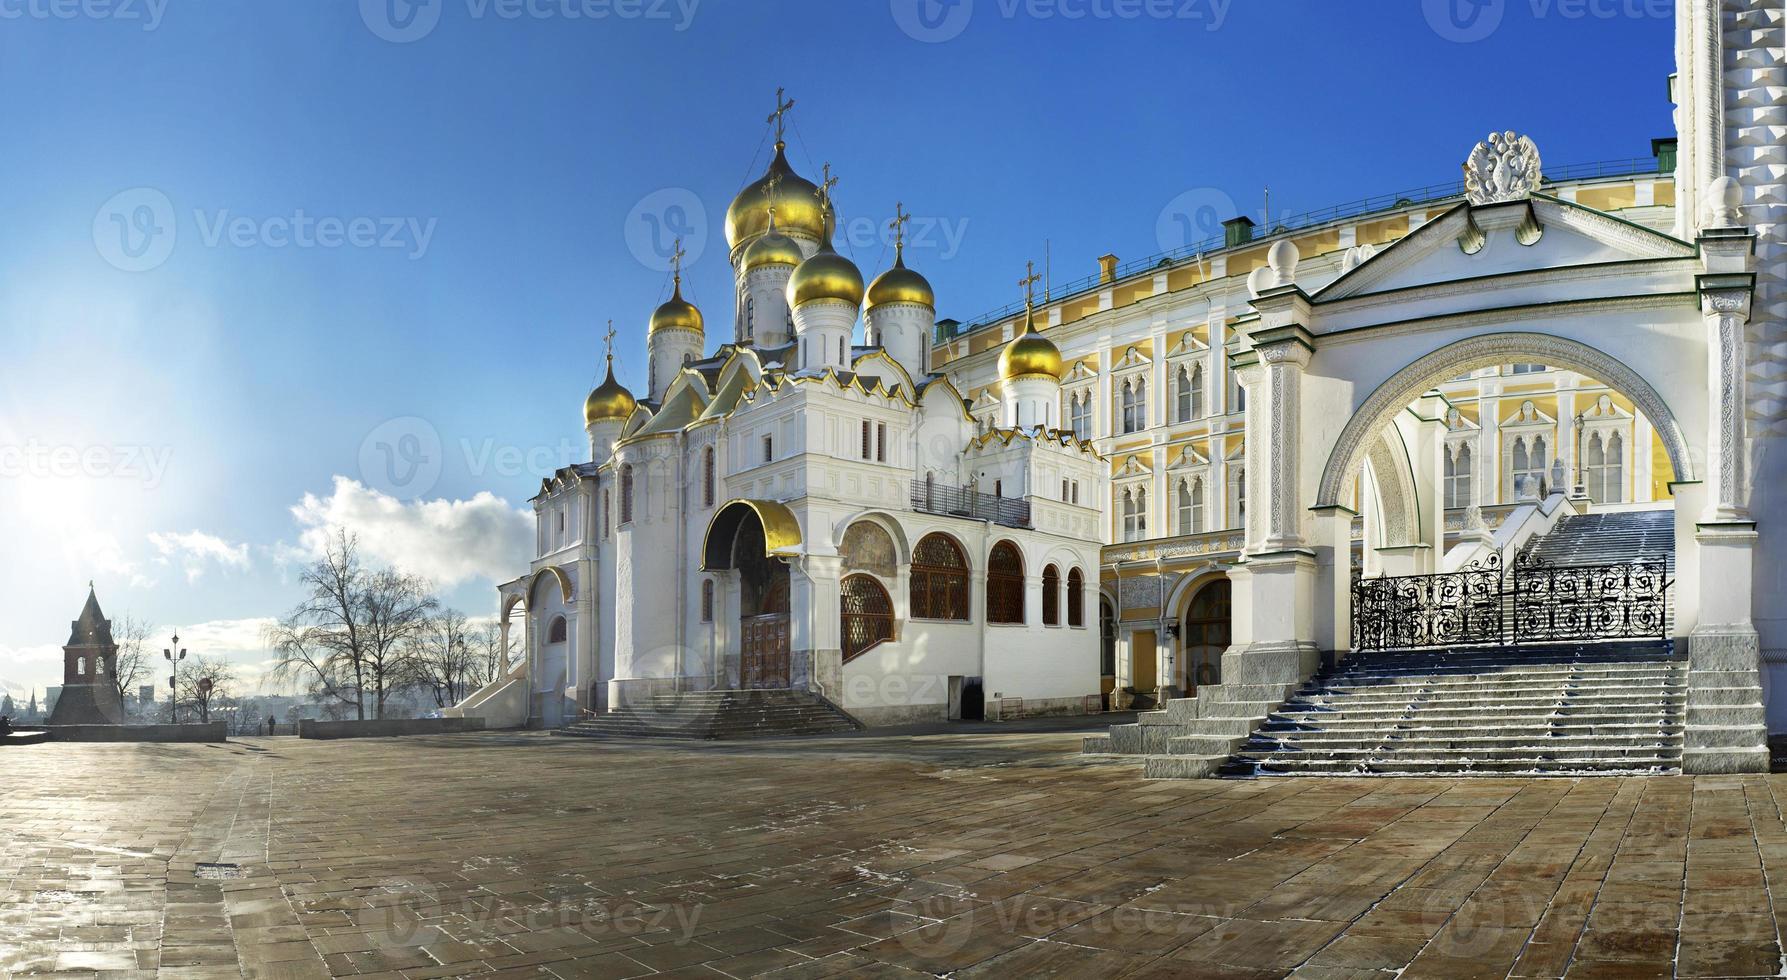 kathedraal plein van Moskou kremlin met aankondiging kathedraal foto